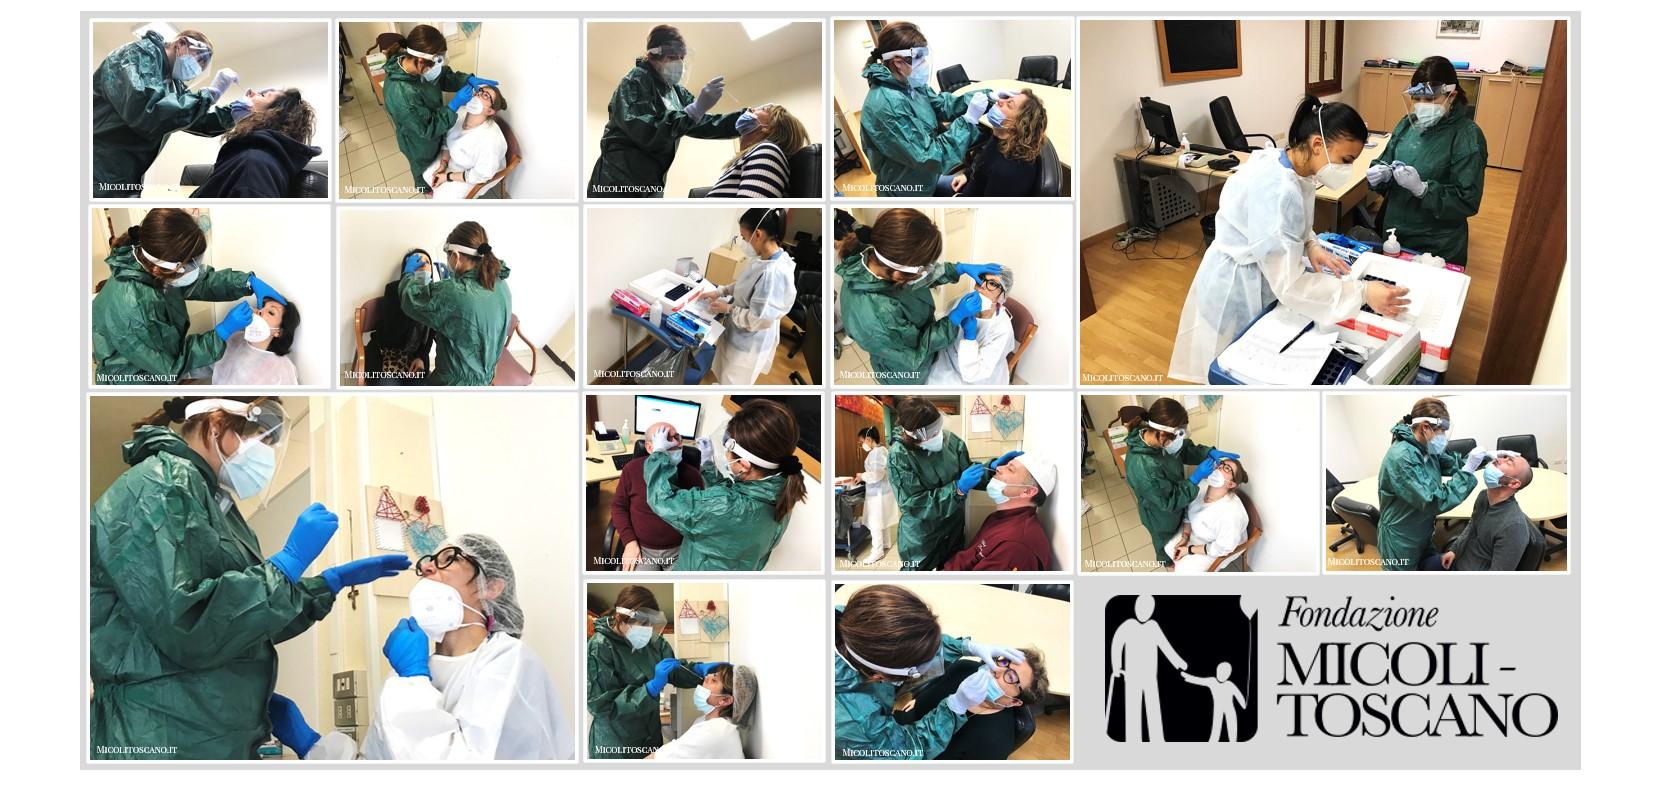 Tamponi: screening settimanale per il personale